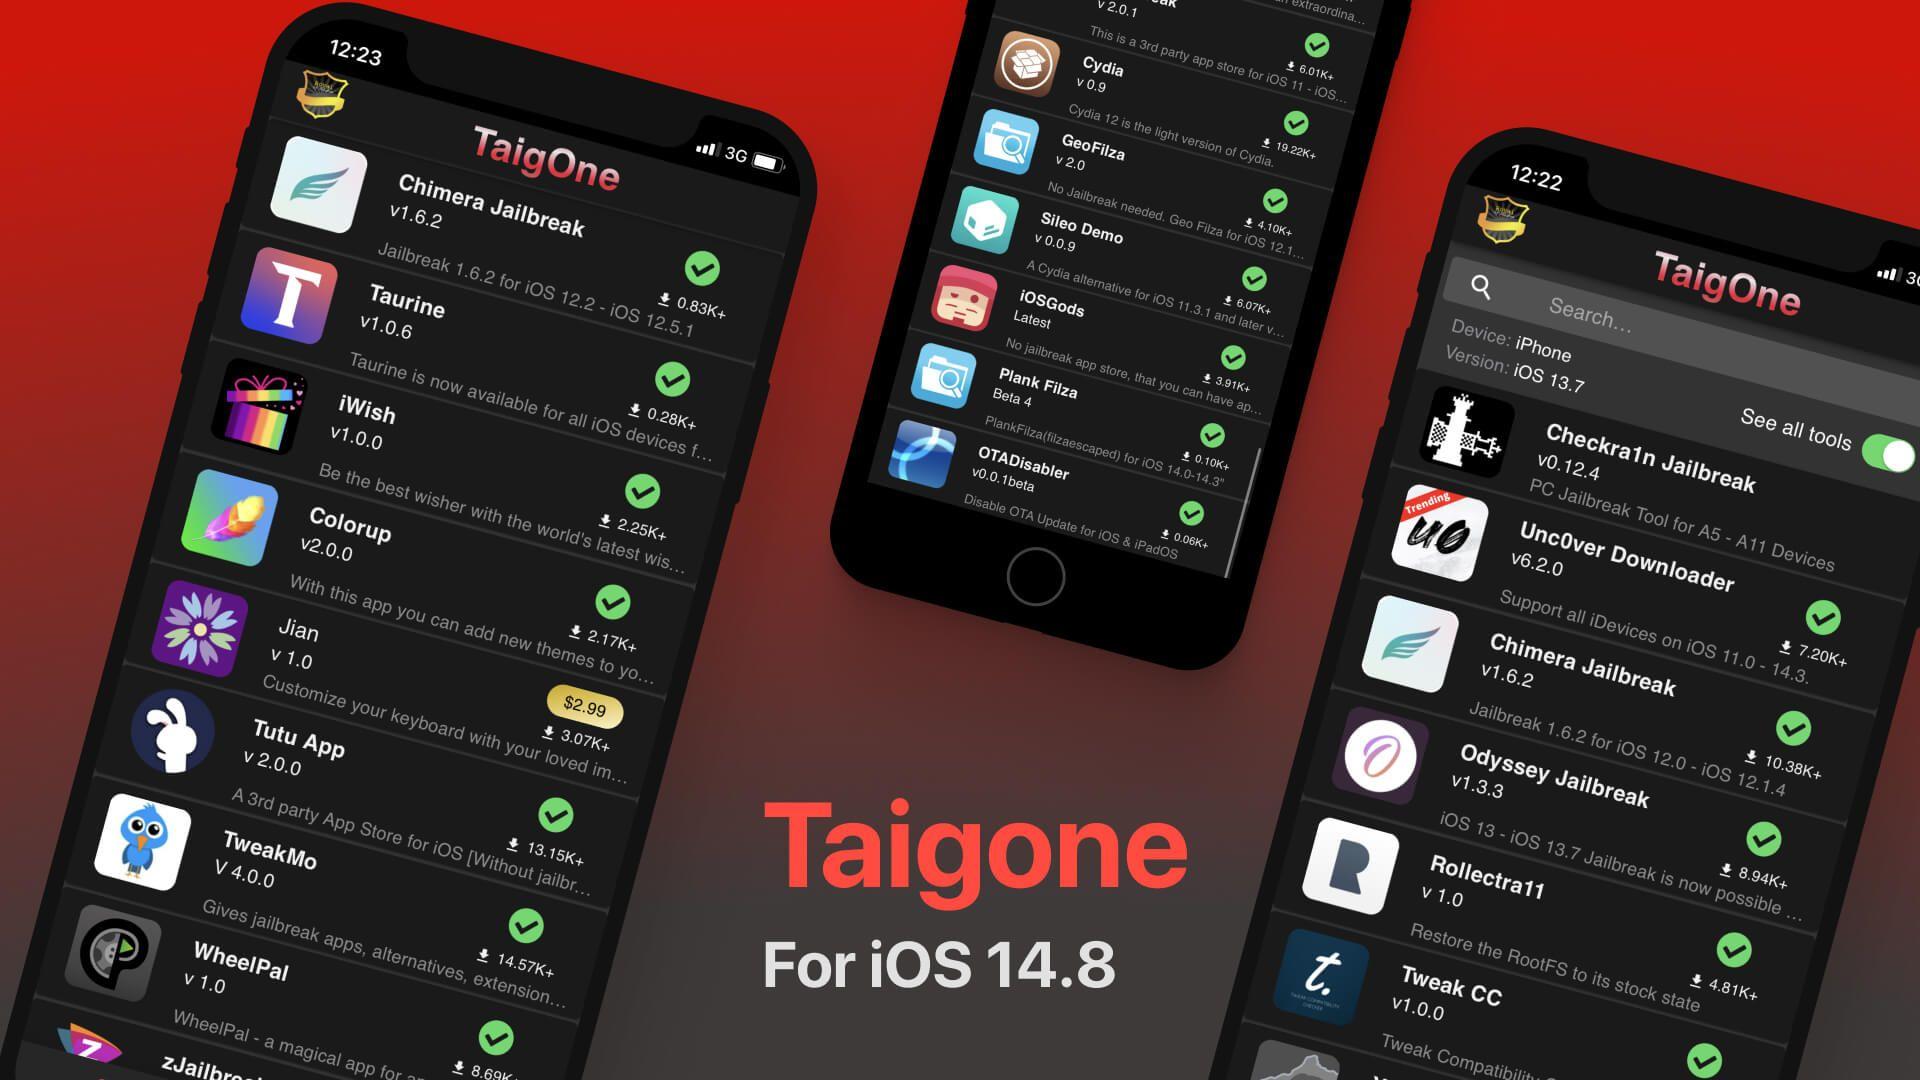 Taigone for iOS 14.8